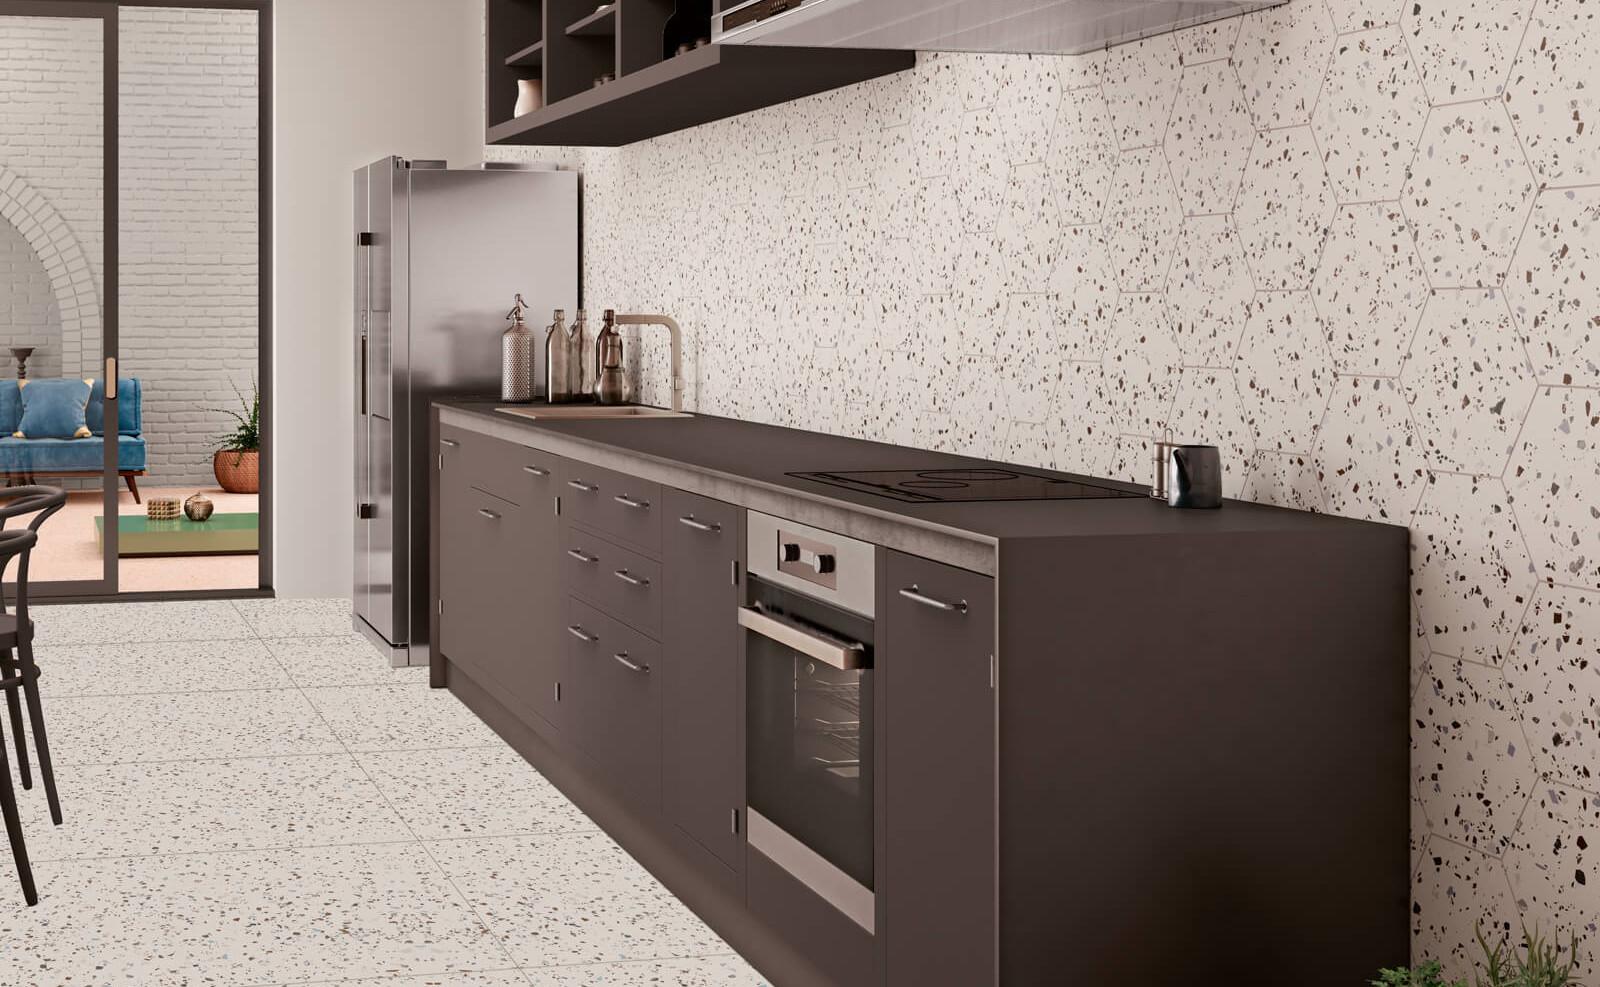 South White Hexagon Terrazzo Style Tile